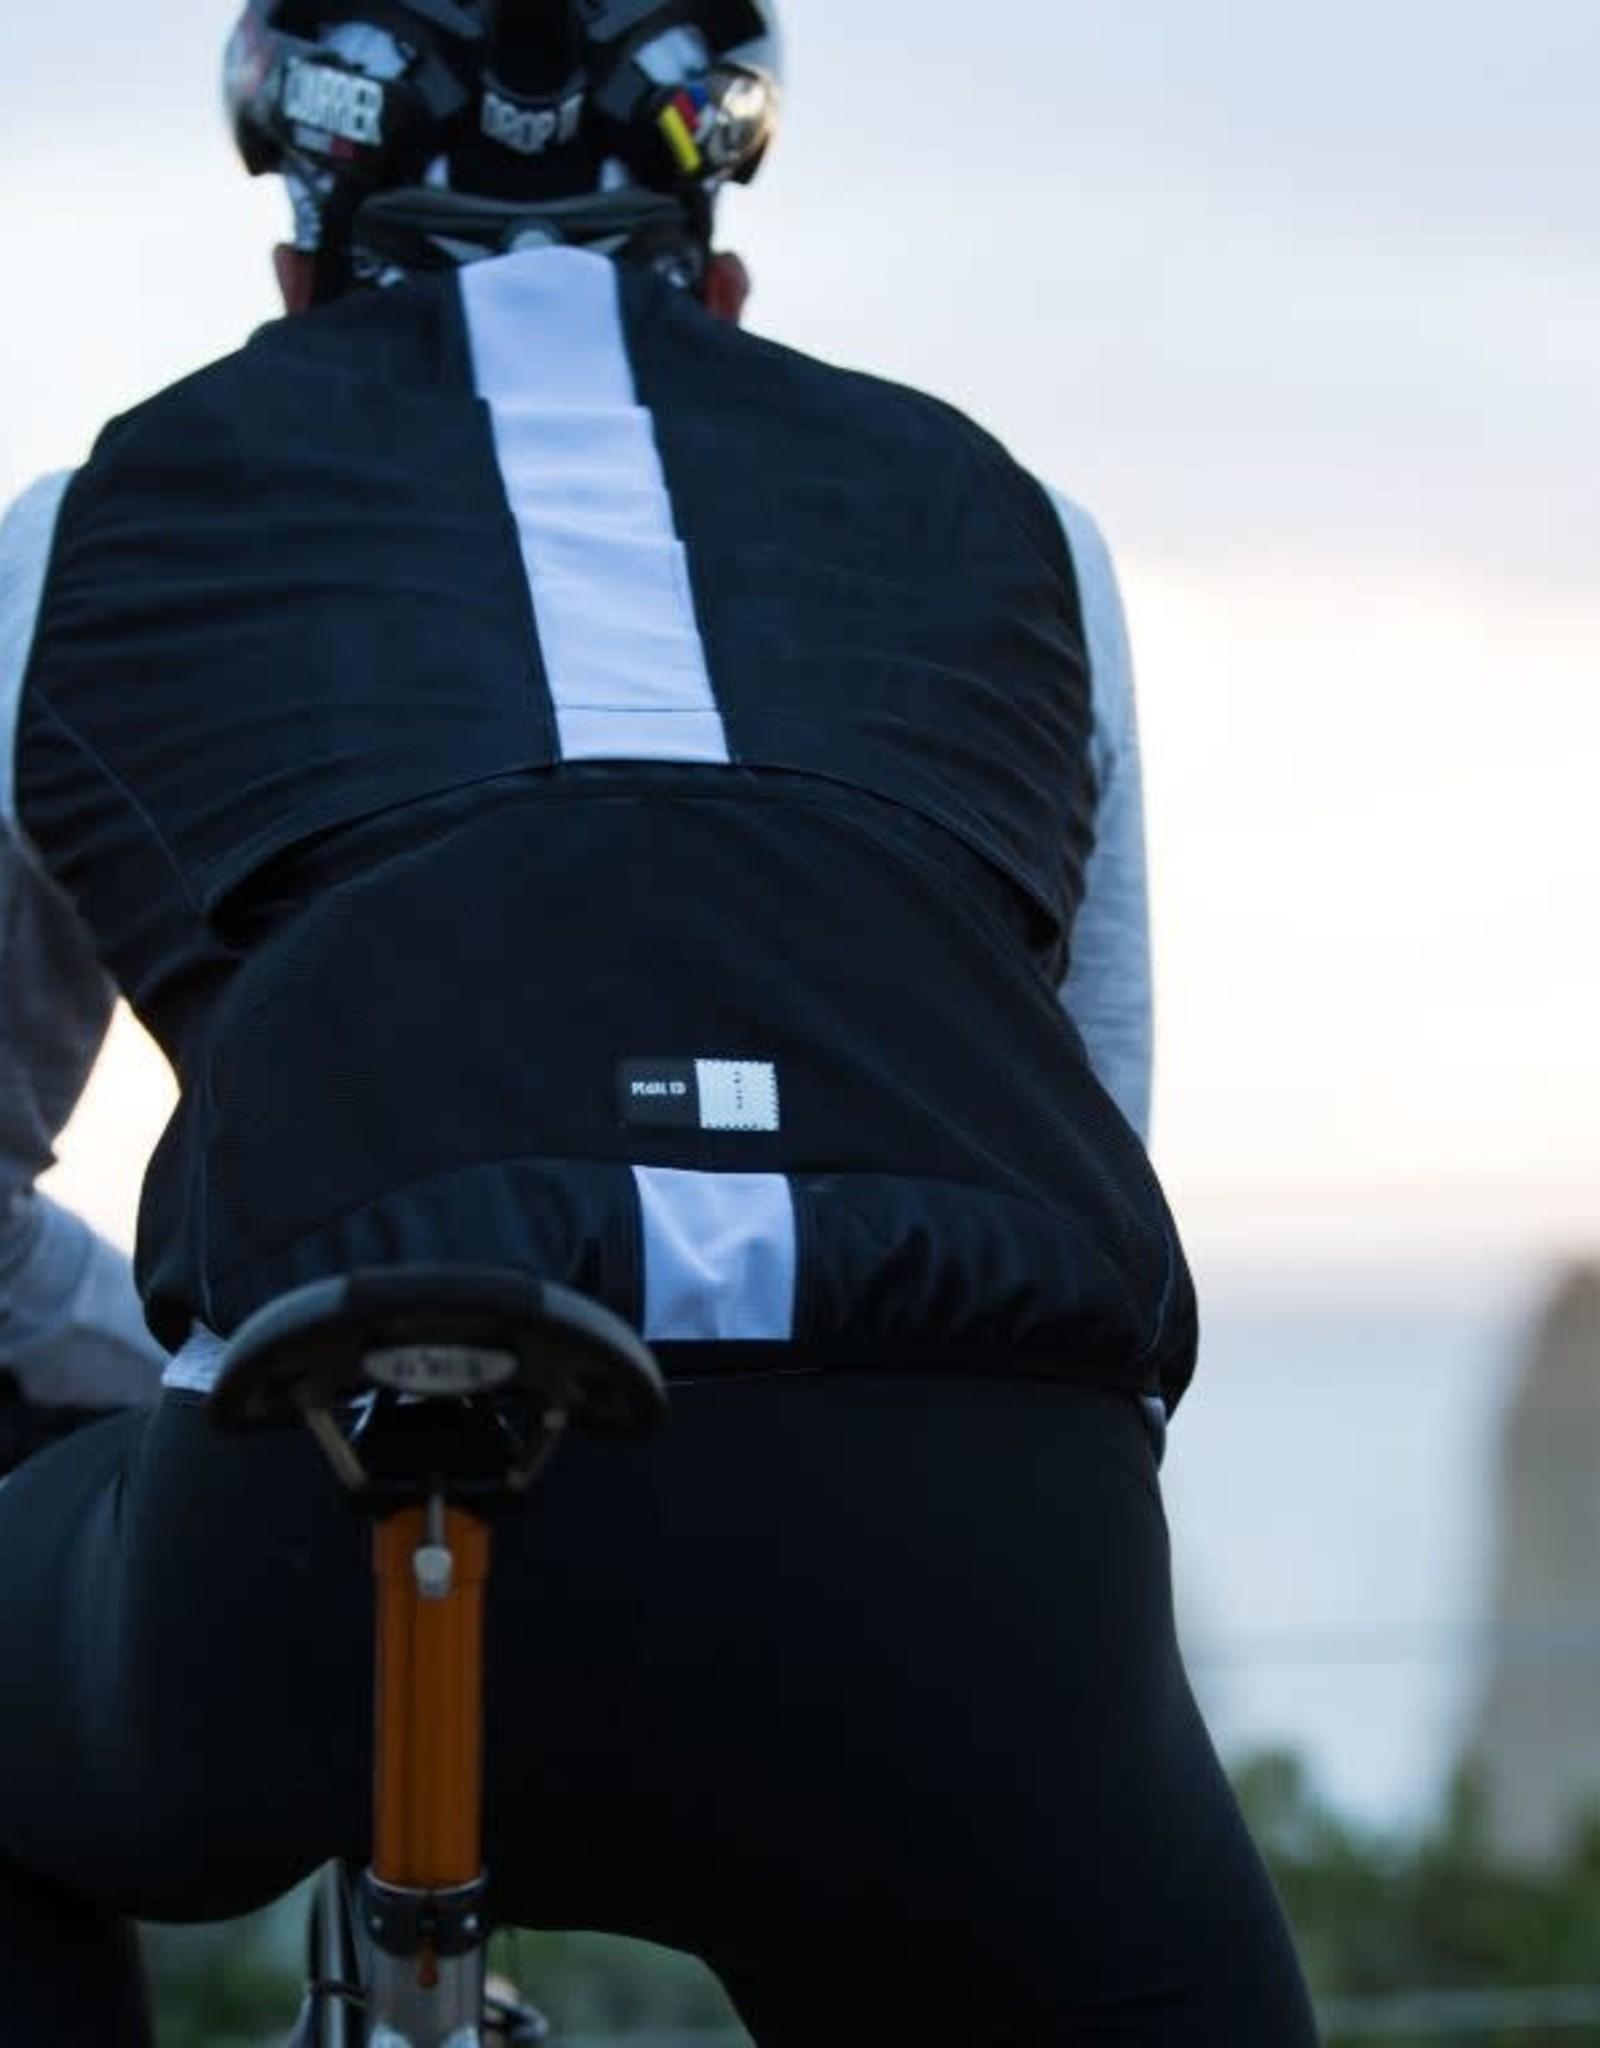 Pedal Ed Kaze Access Vest - Black